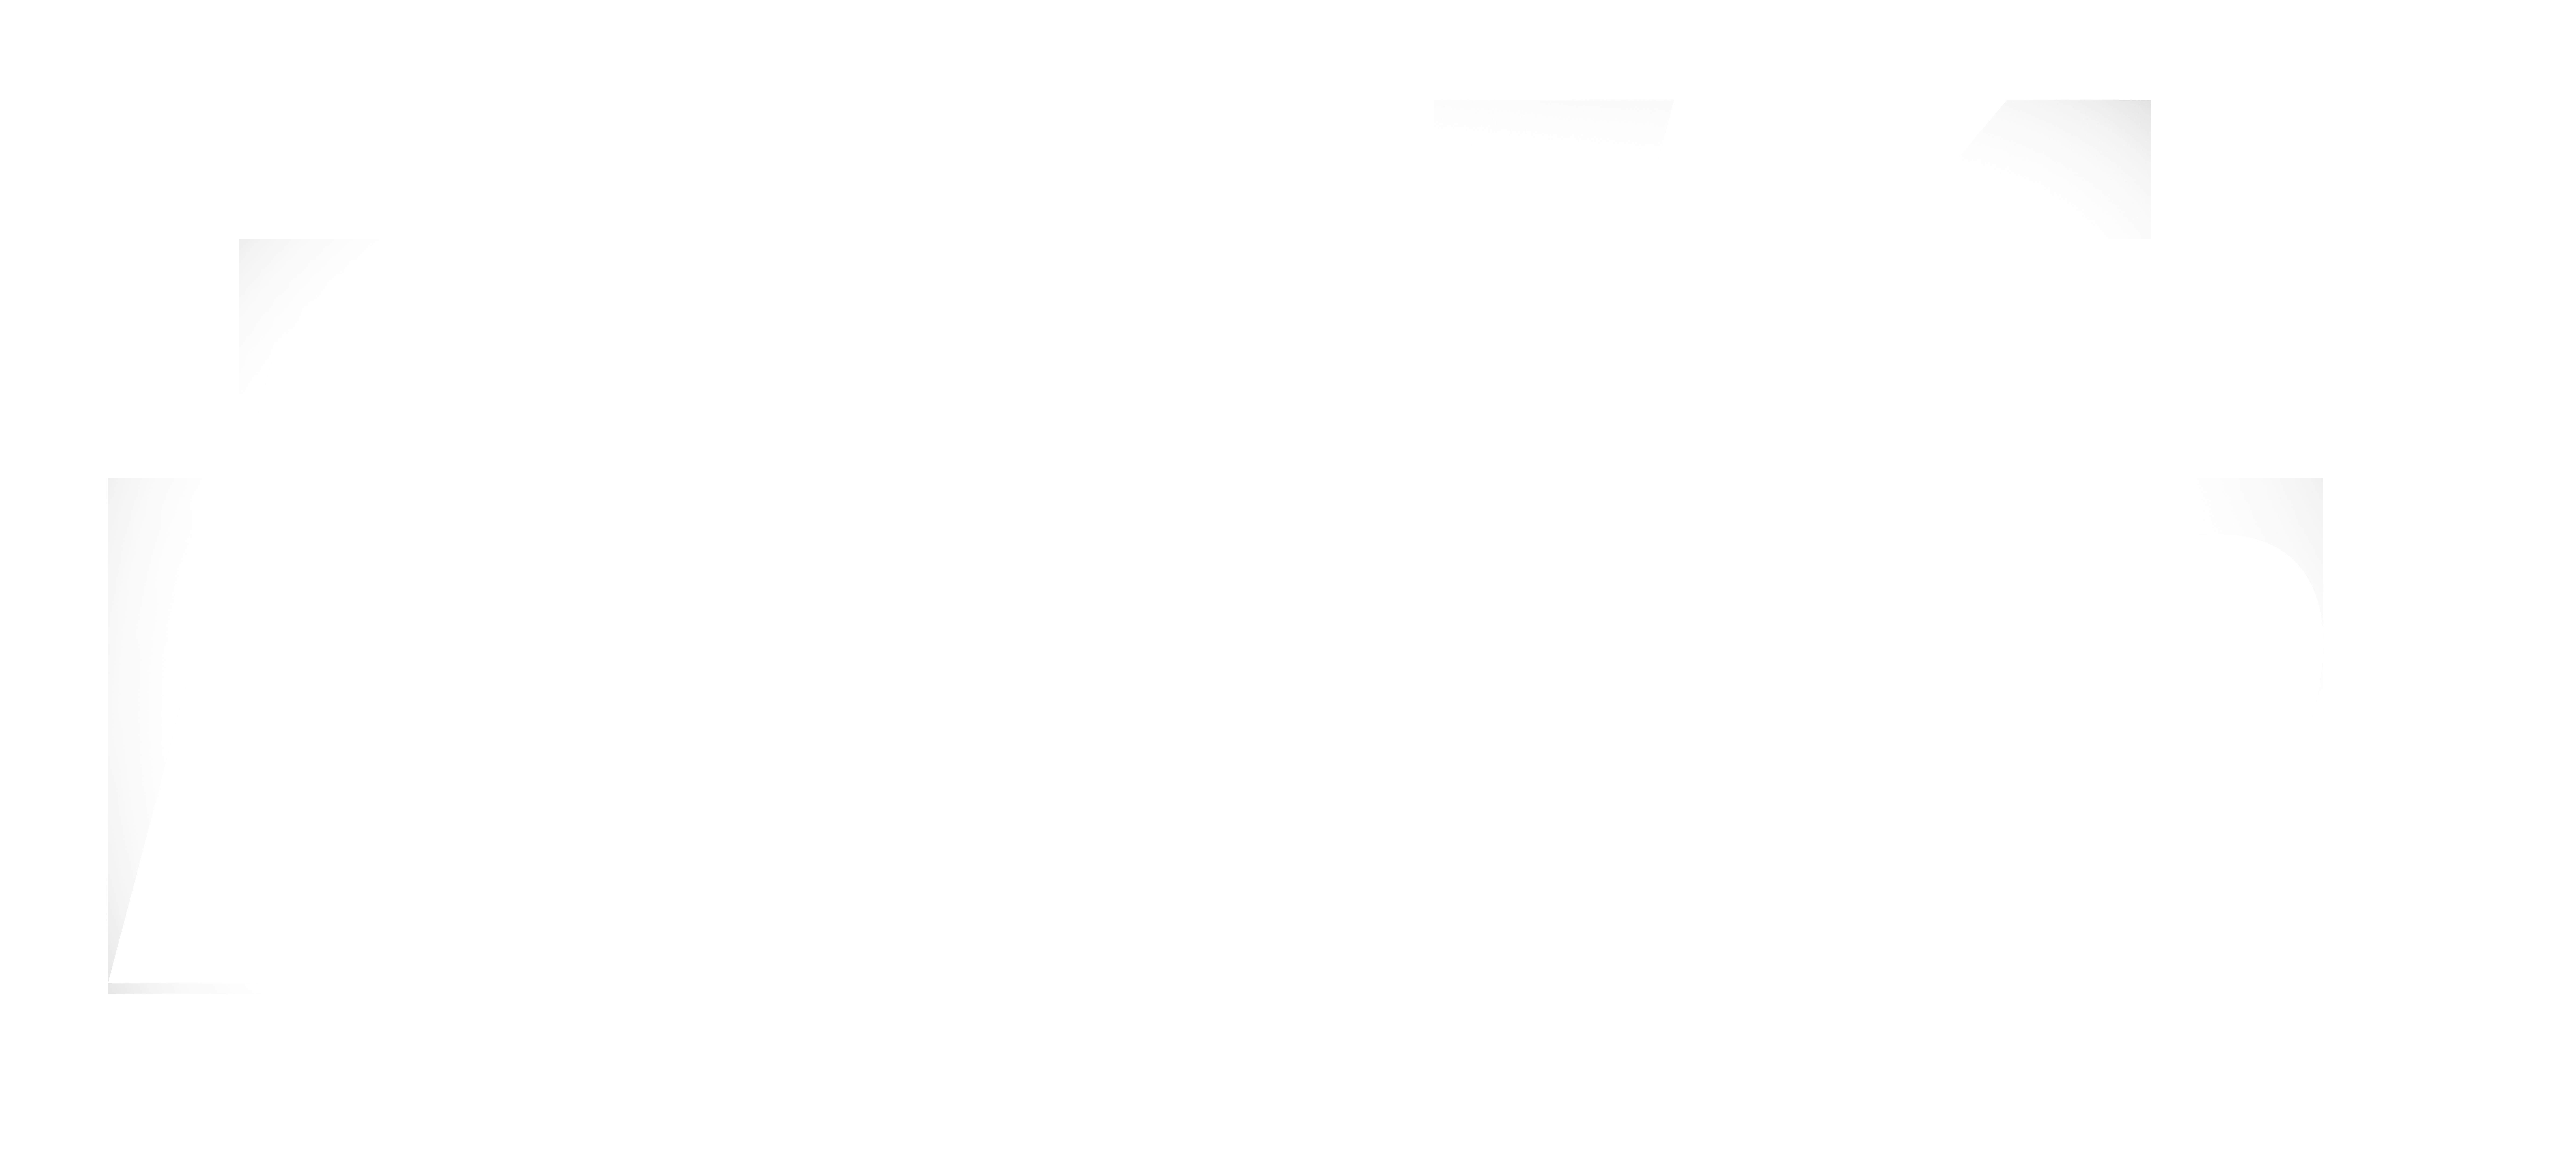 Itron white